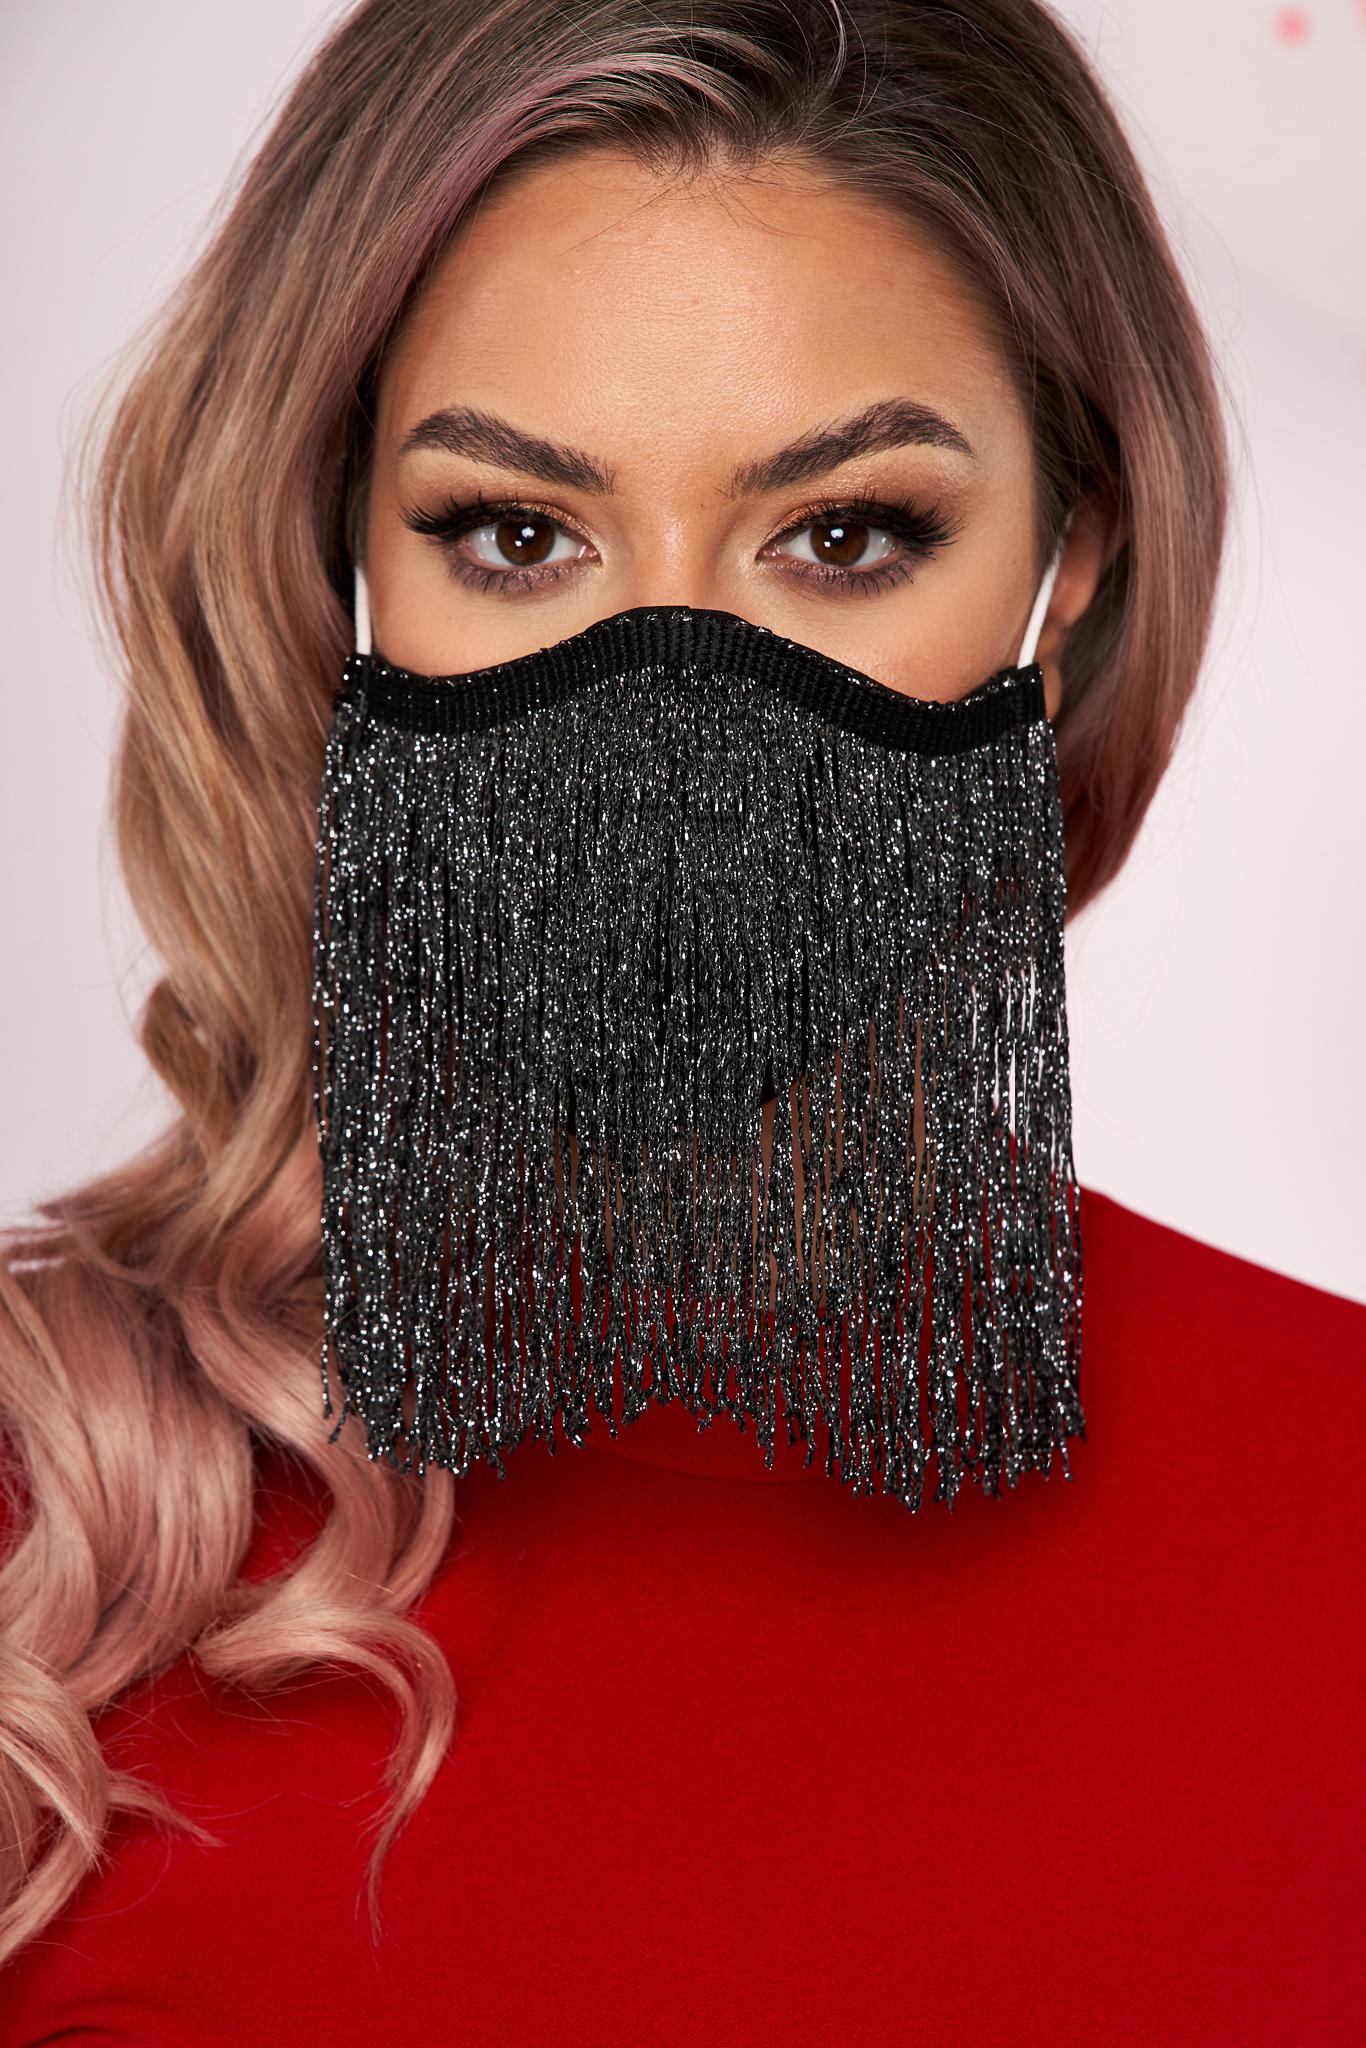 Masca textila pentru femei StarShinerS neagra cu franjuri